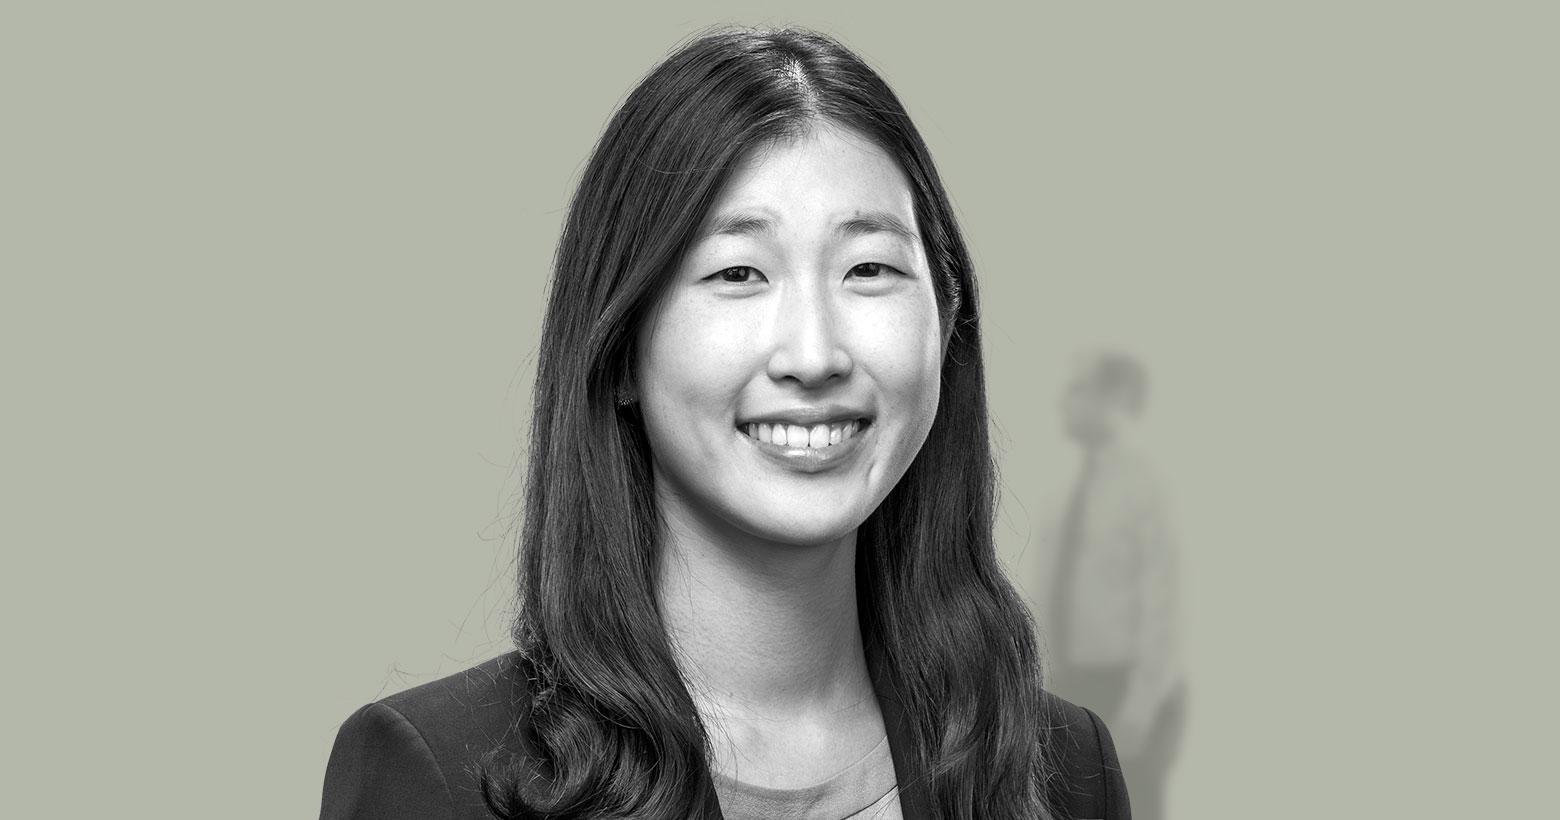 Eva Yunjeong Kang